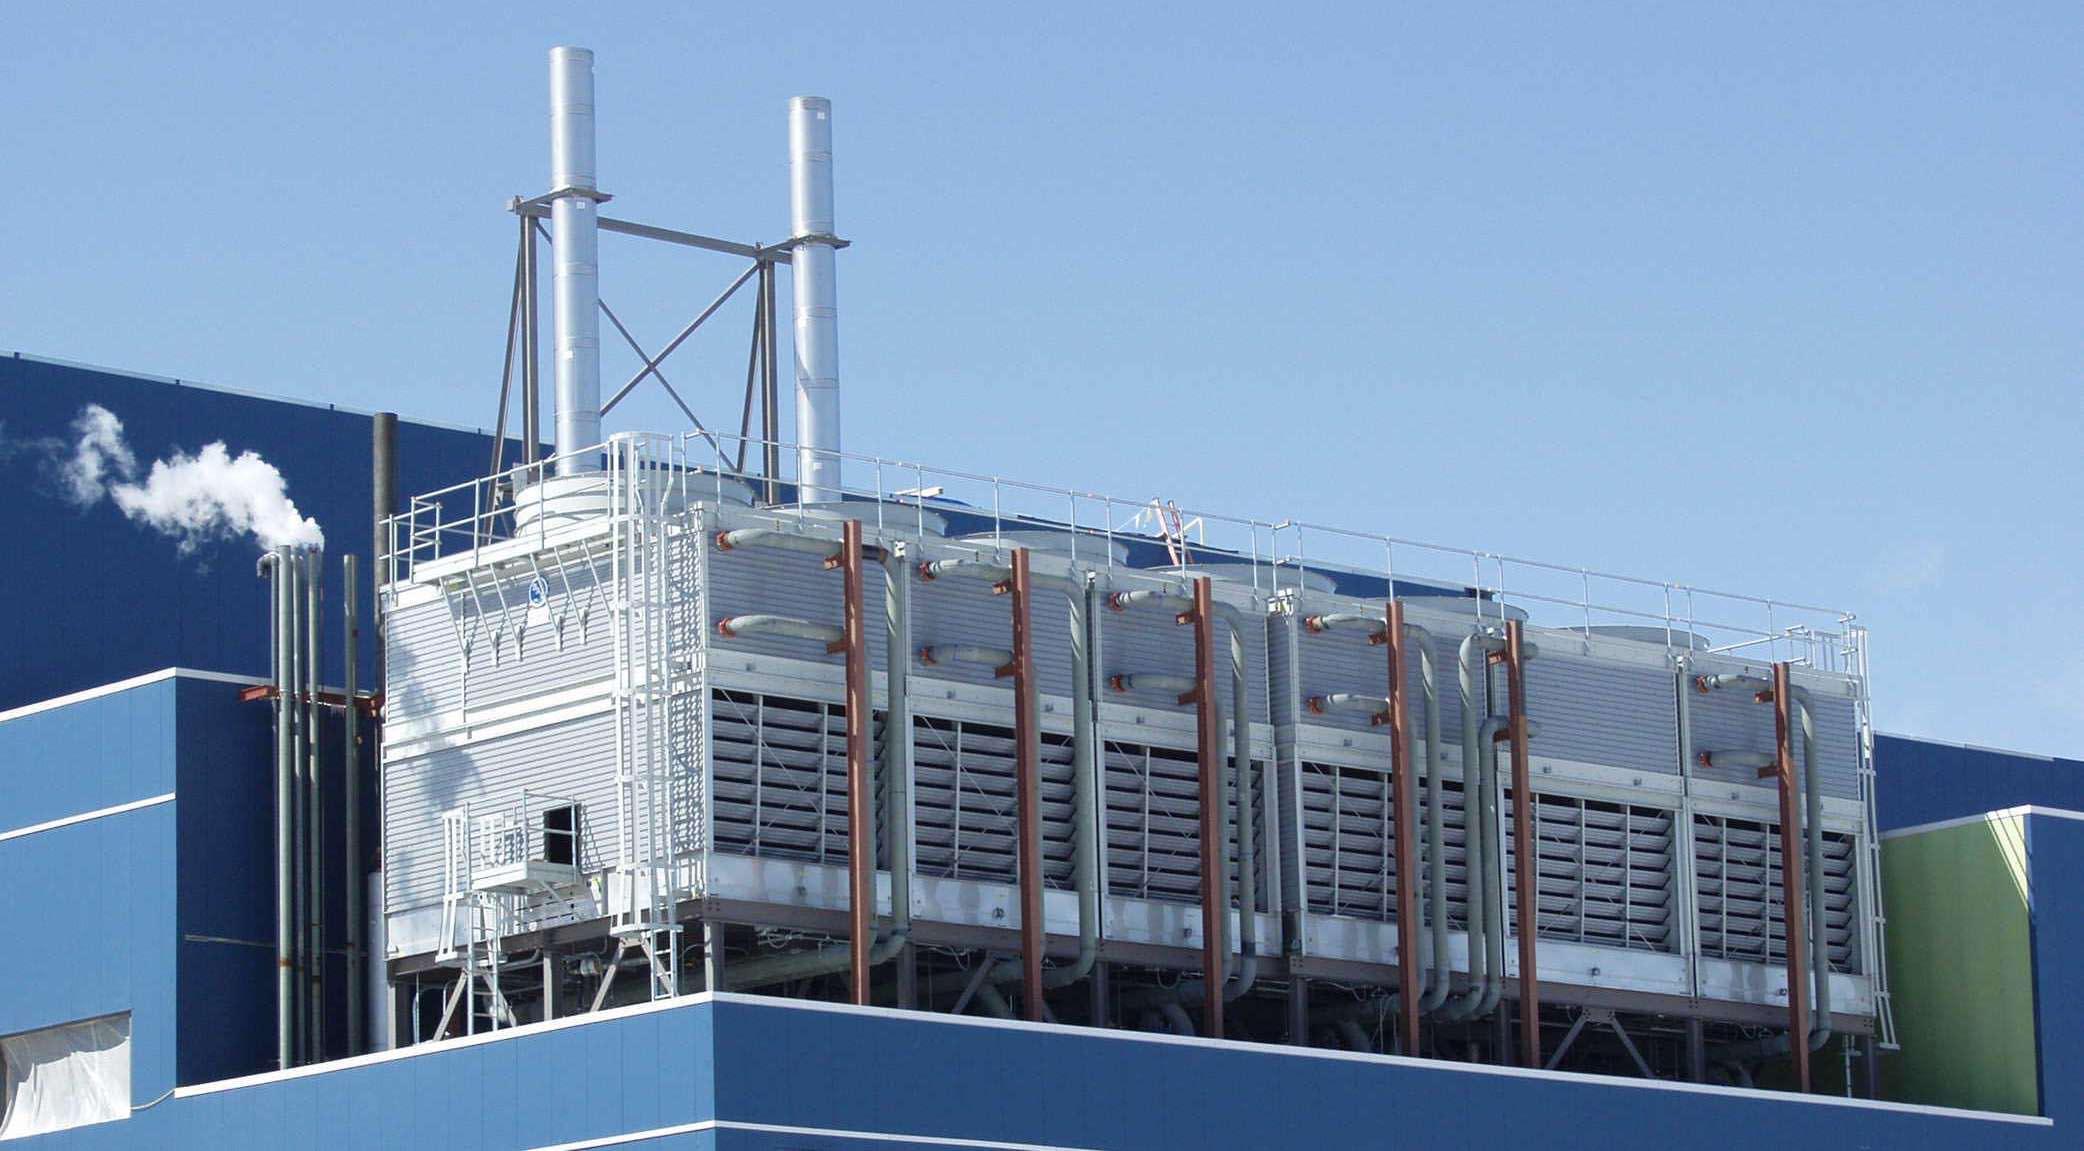 Detec Desarrollos tecnológicos - torre refrigeración